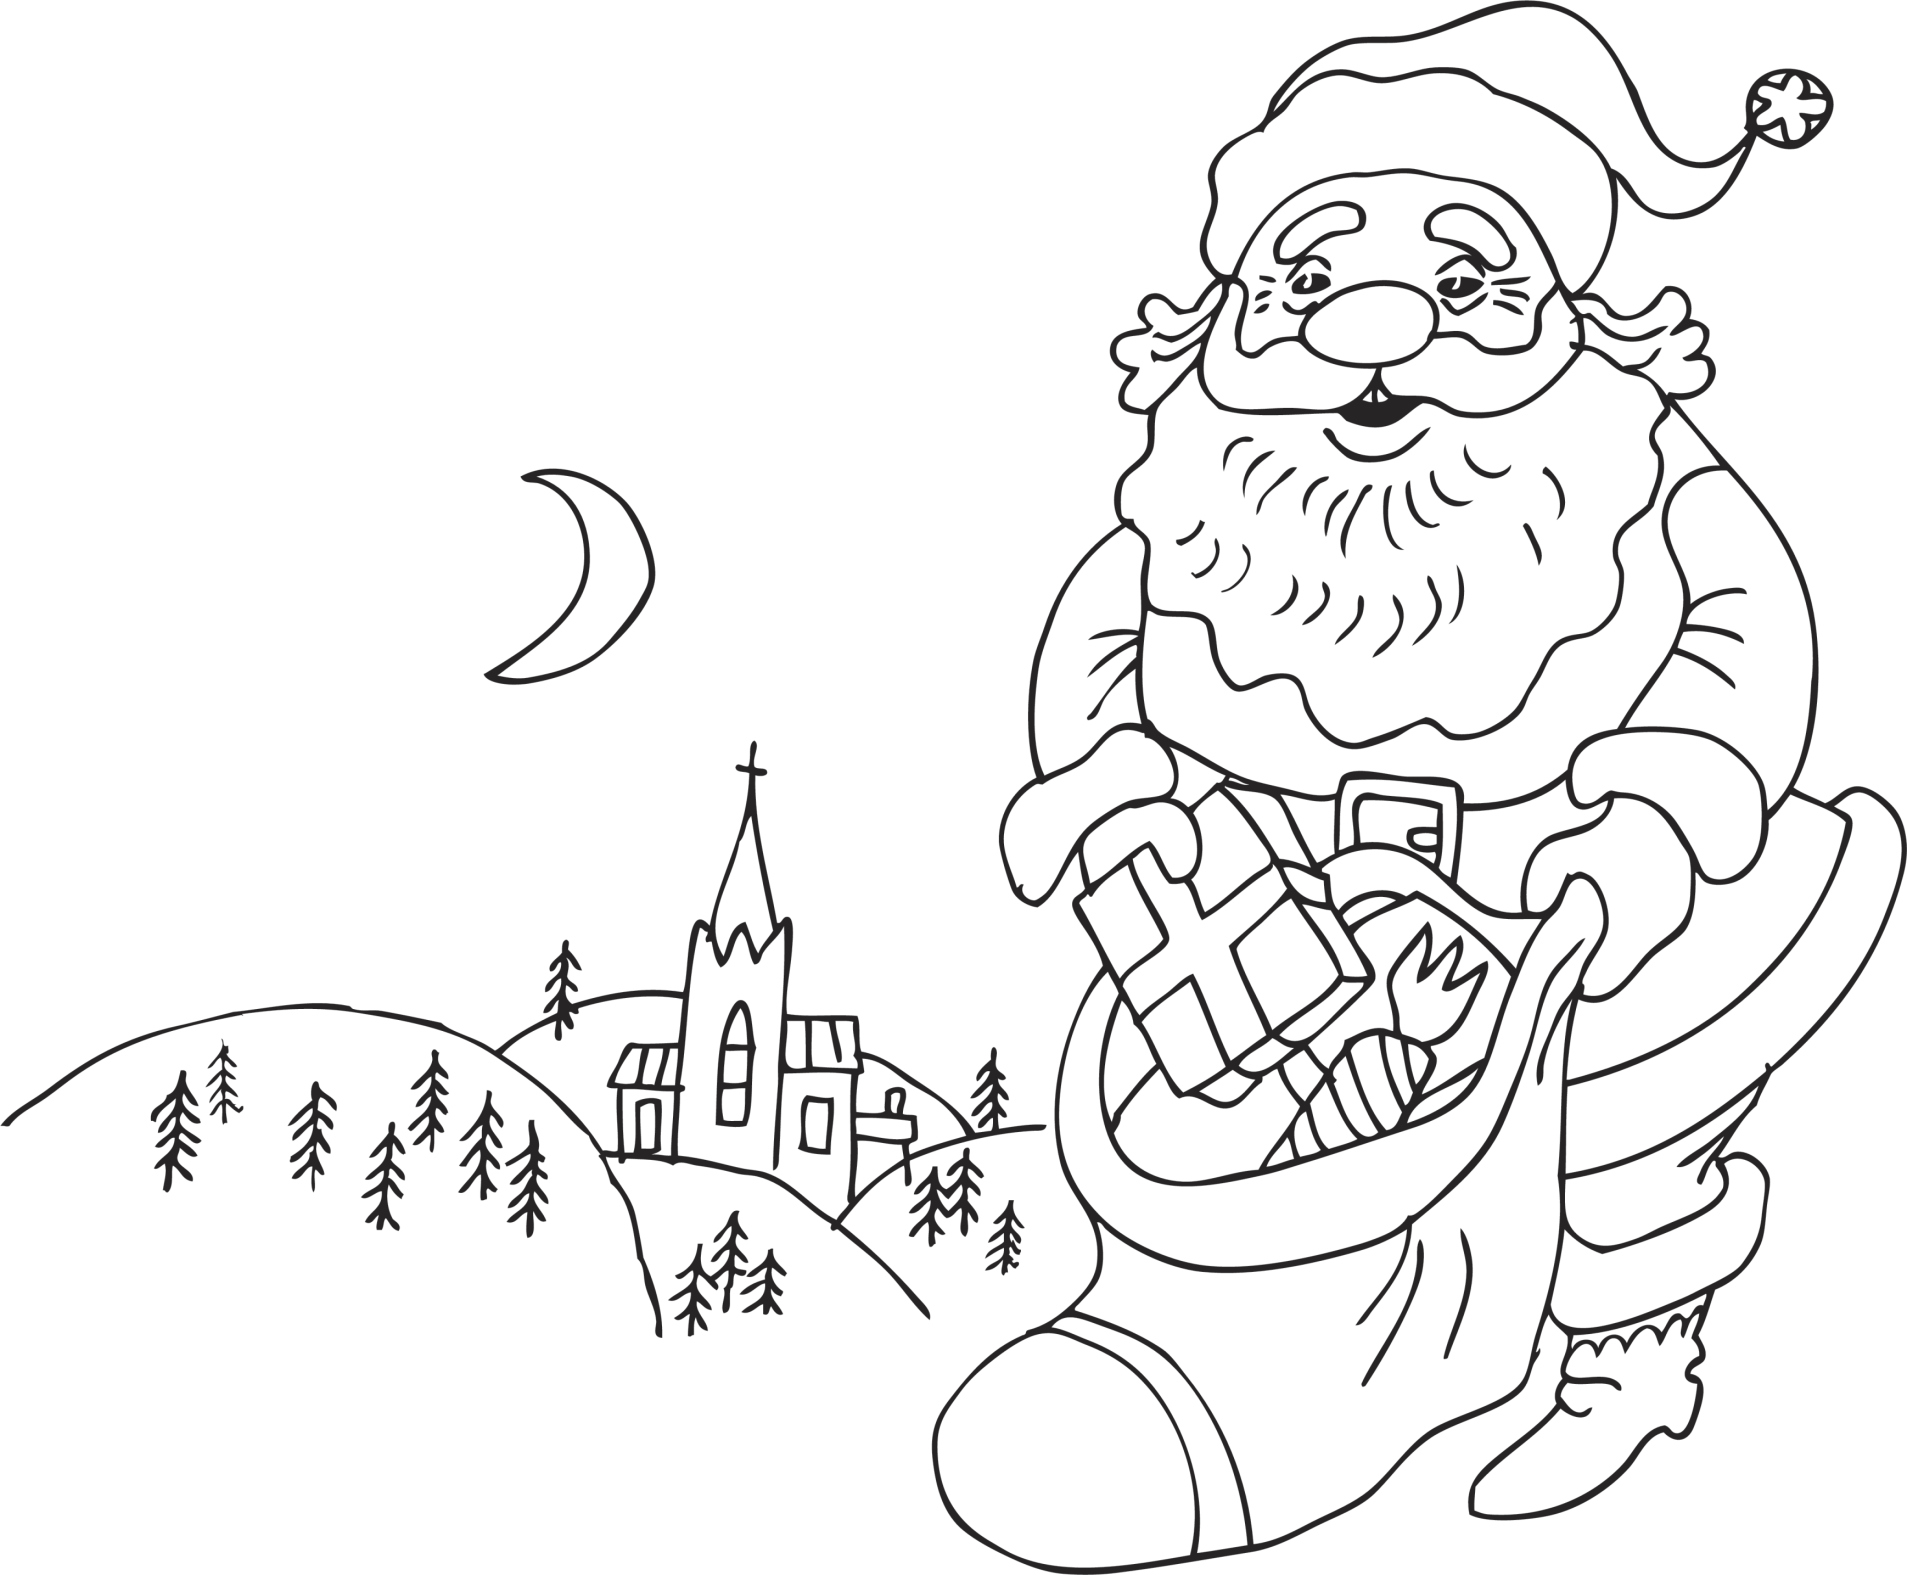 Bonitos Dibujos De Navidad Para Colorear Faciles.Dibujos Infantiles De Navidad Faciles Interesting Pin De